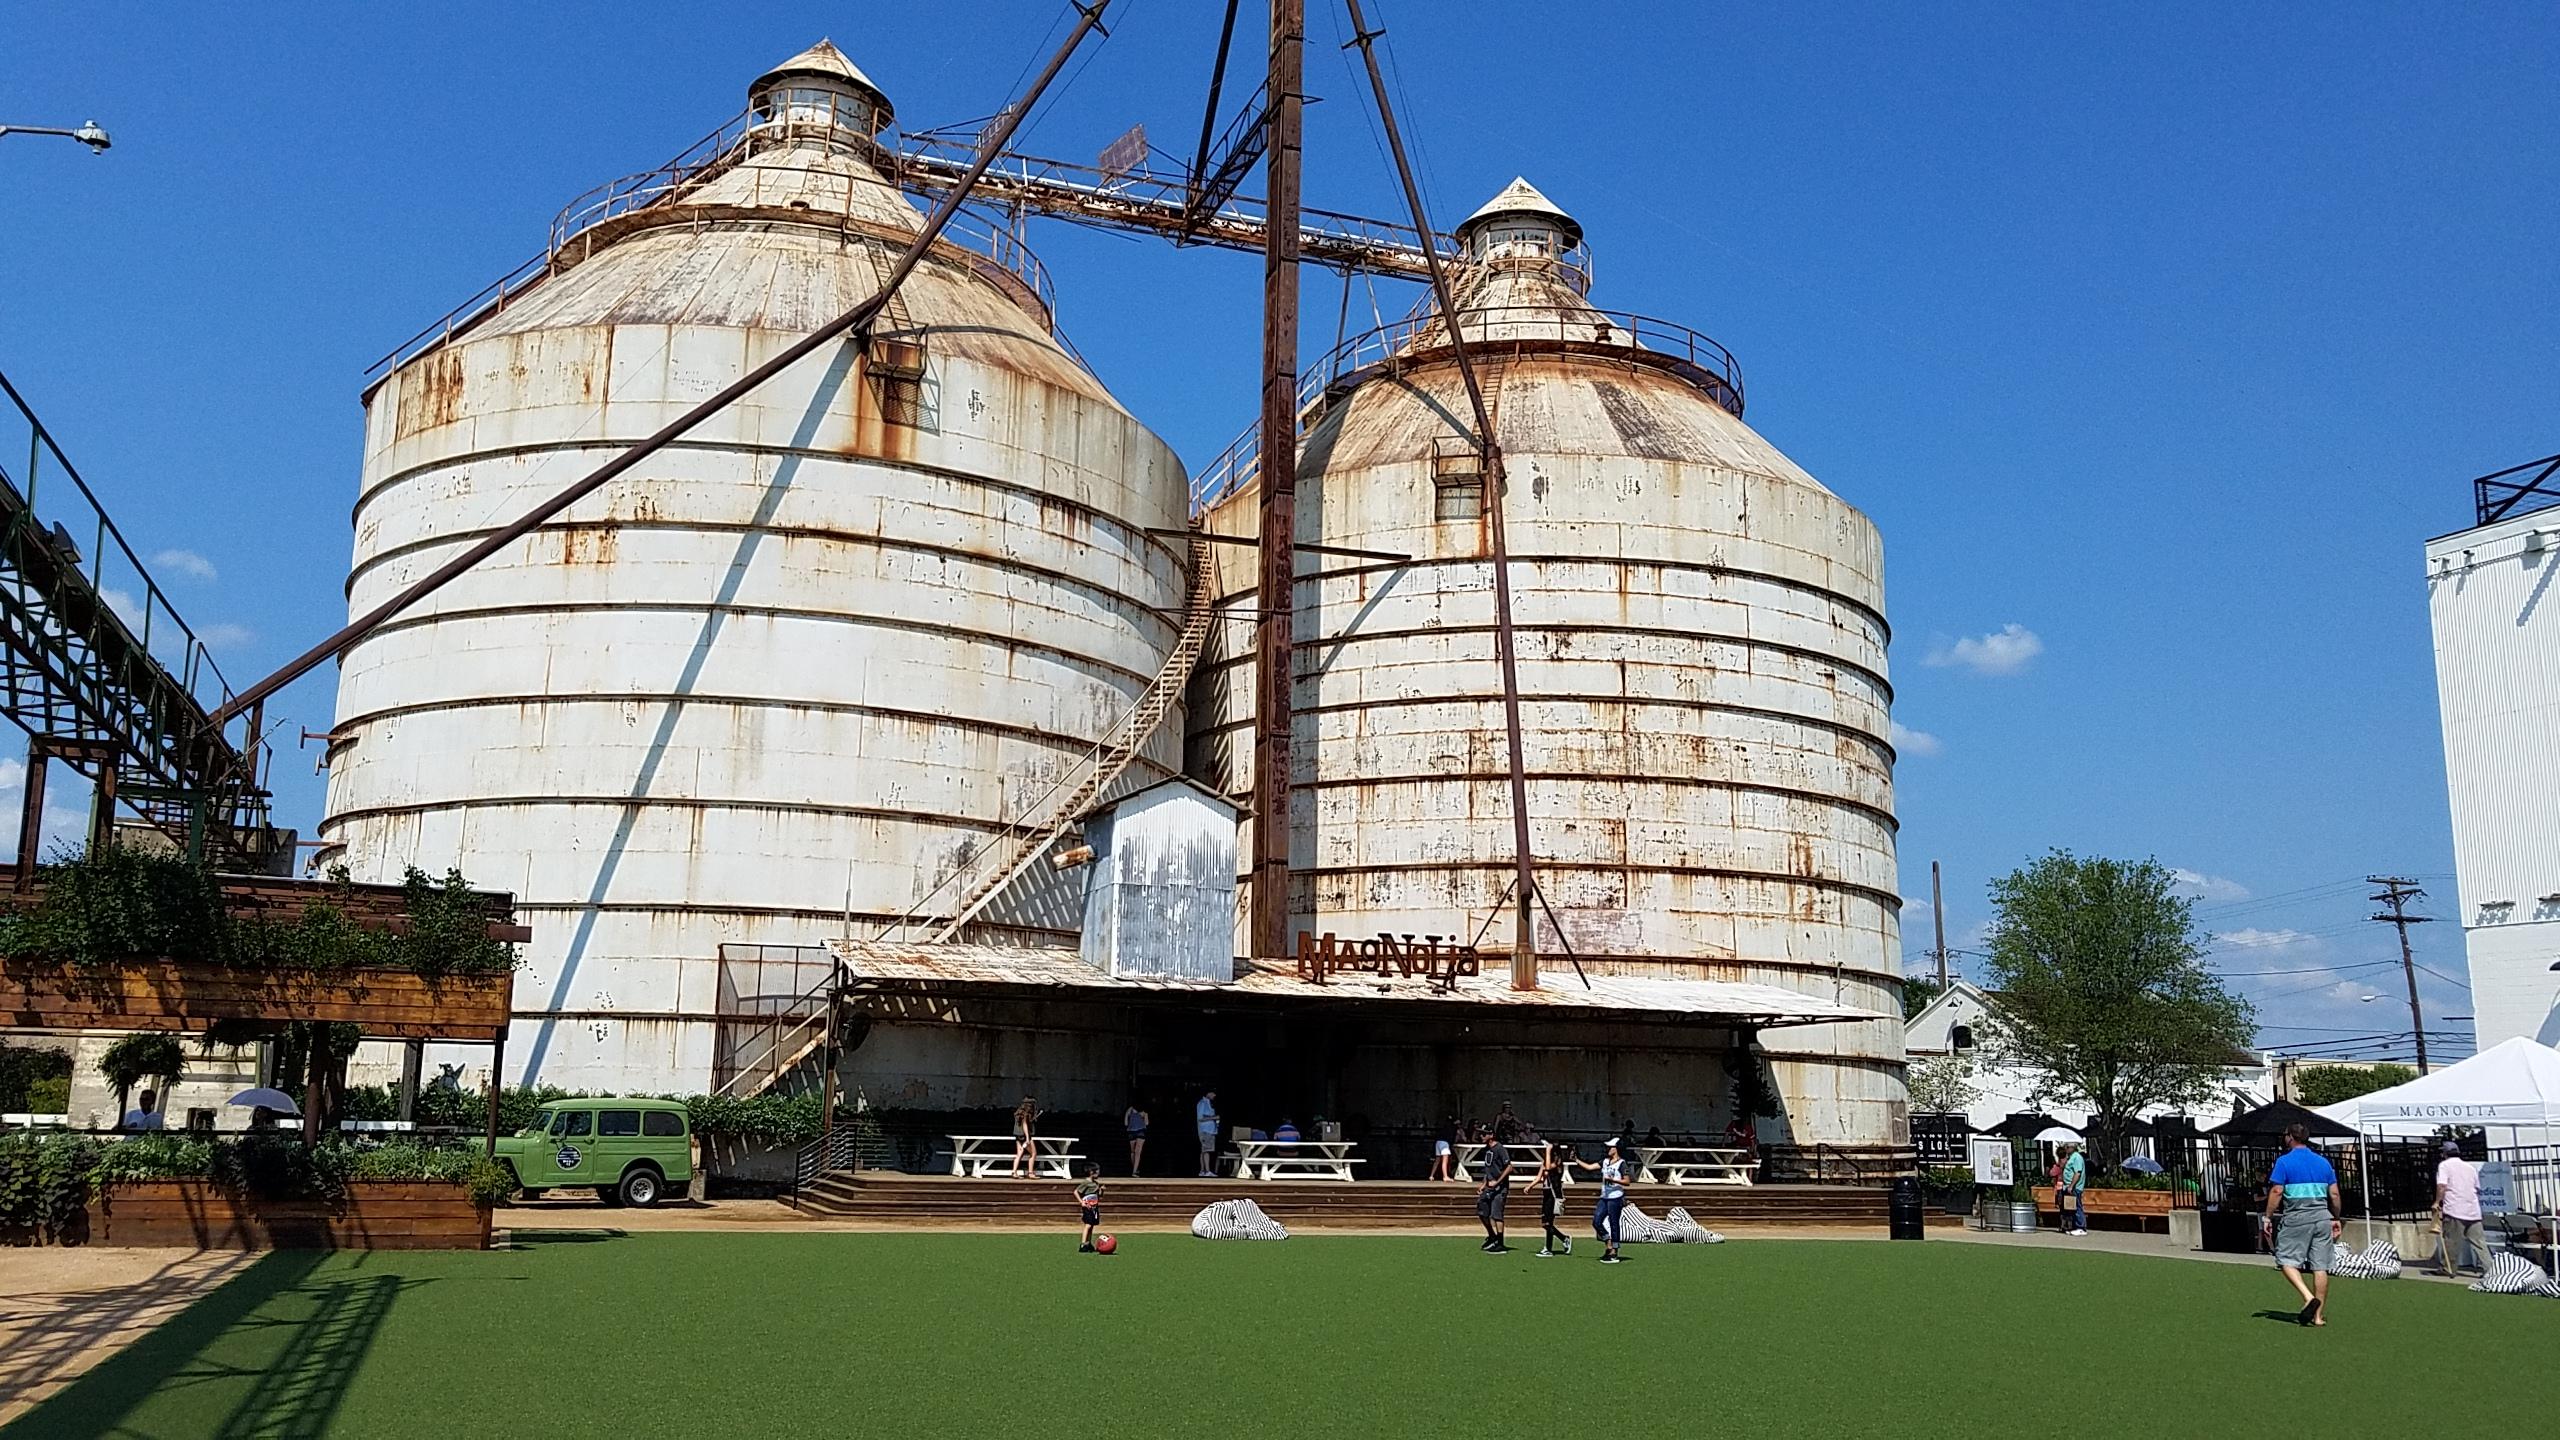 Magnolia_Market,_Waco,_TX